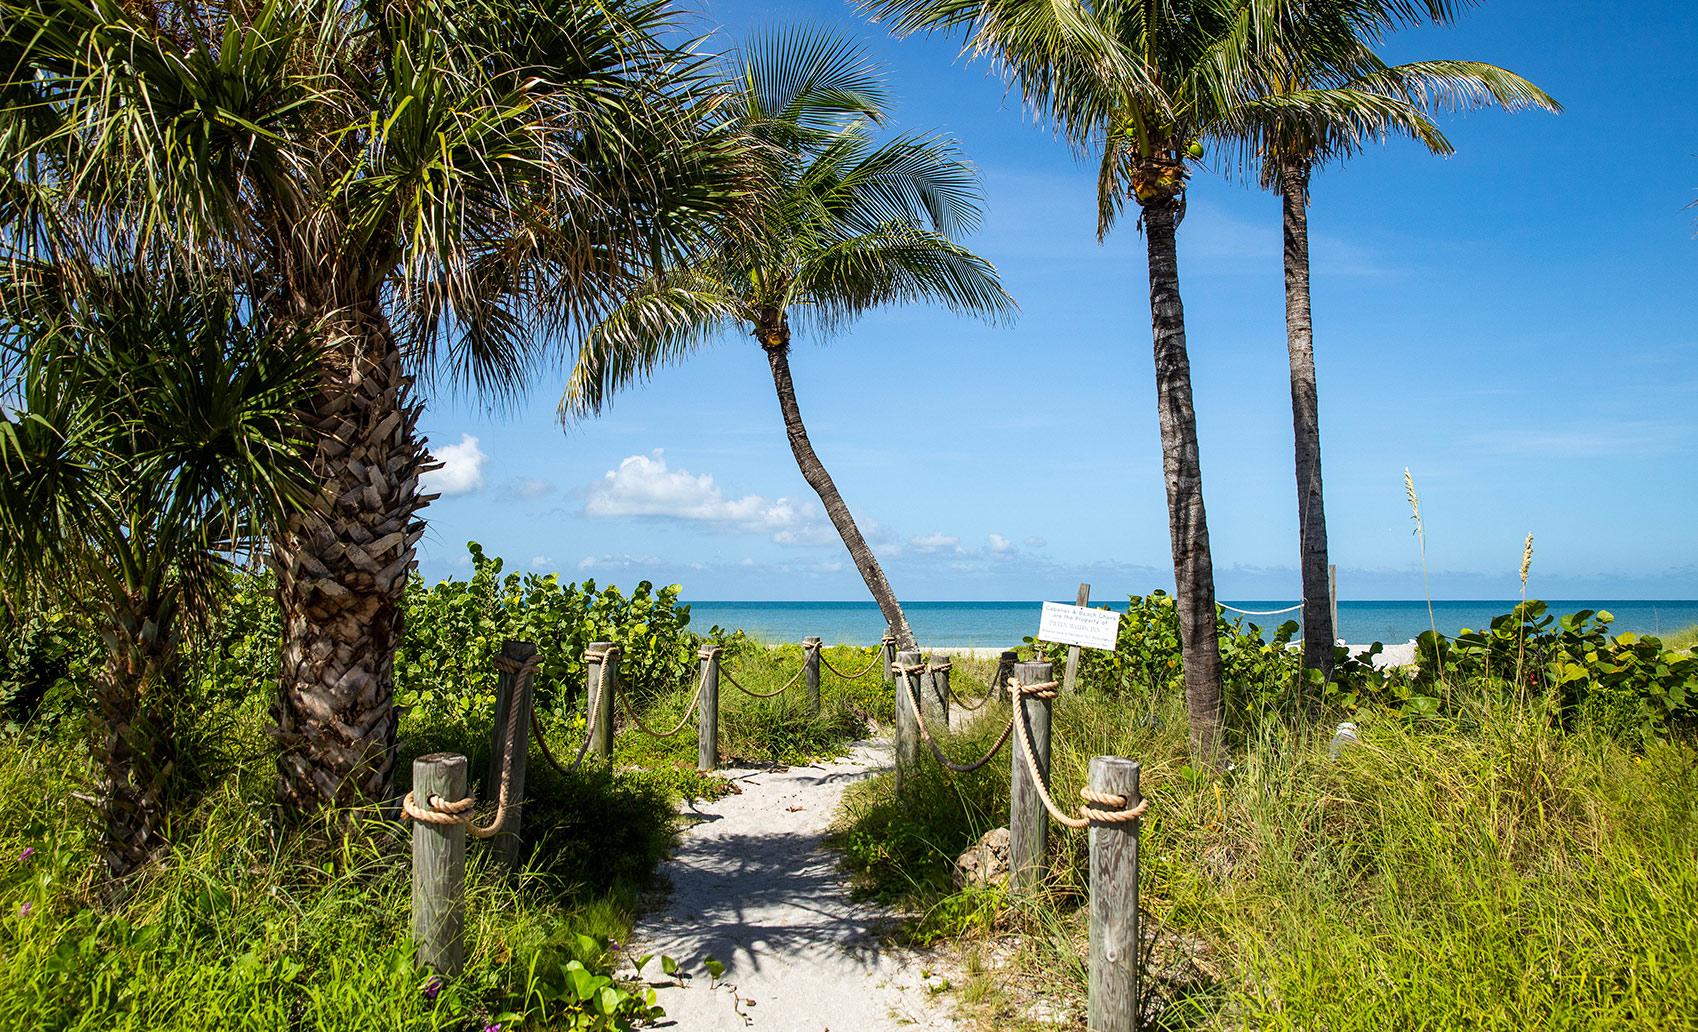 Best Hidden Beaches in Florida, Captiva Island